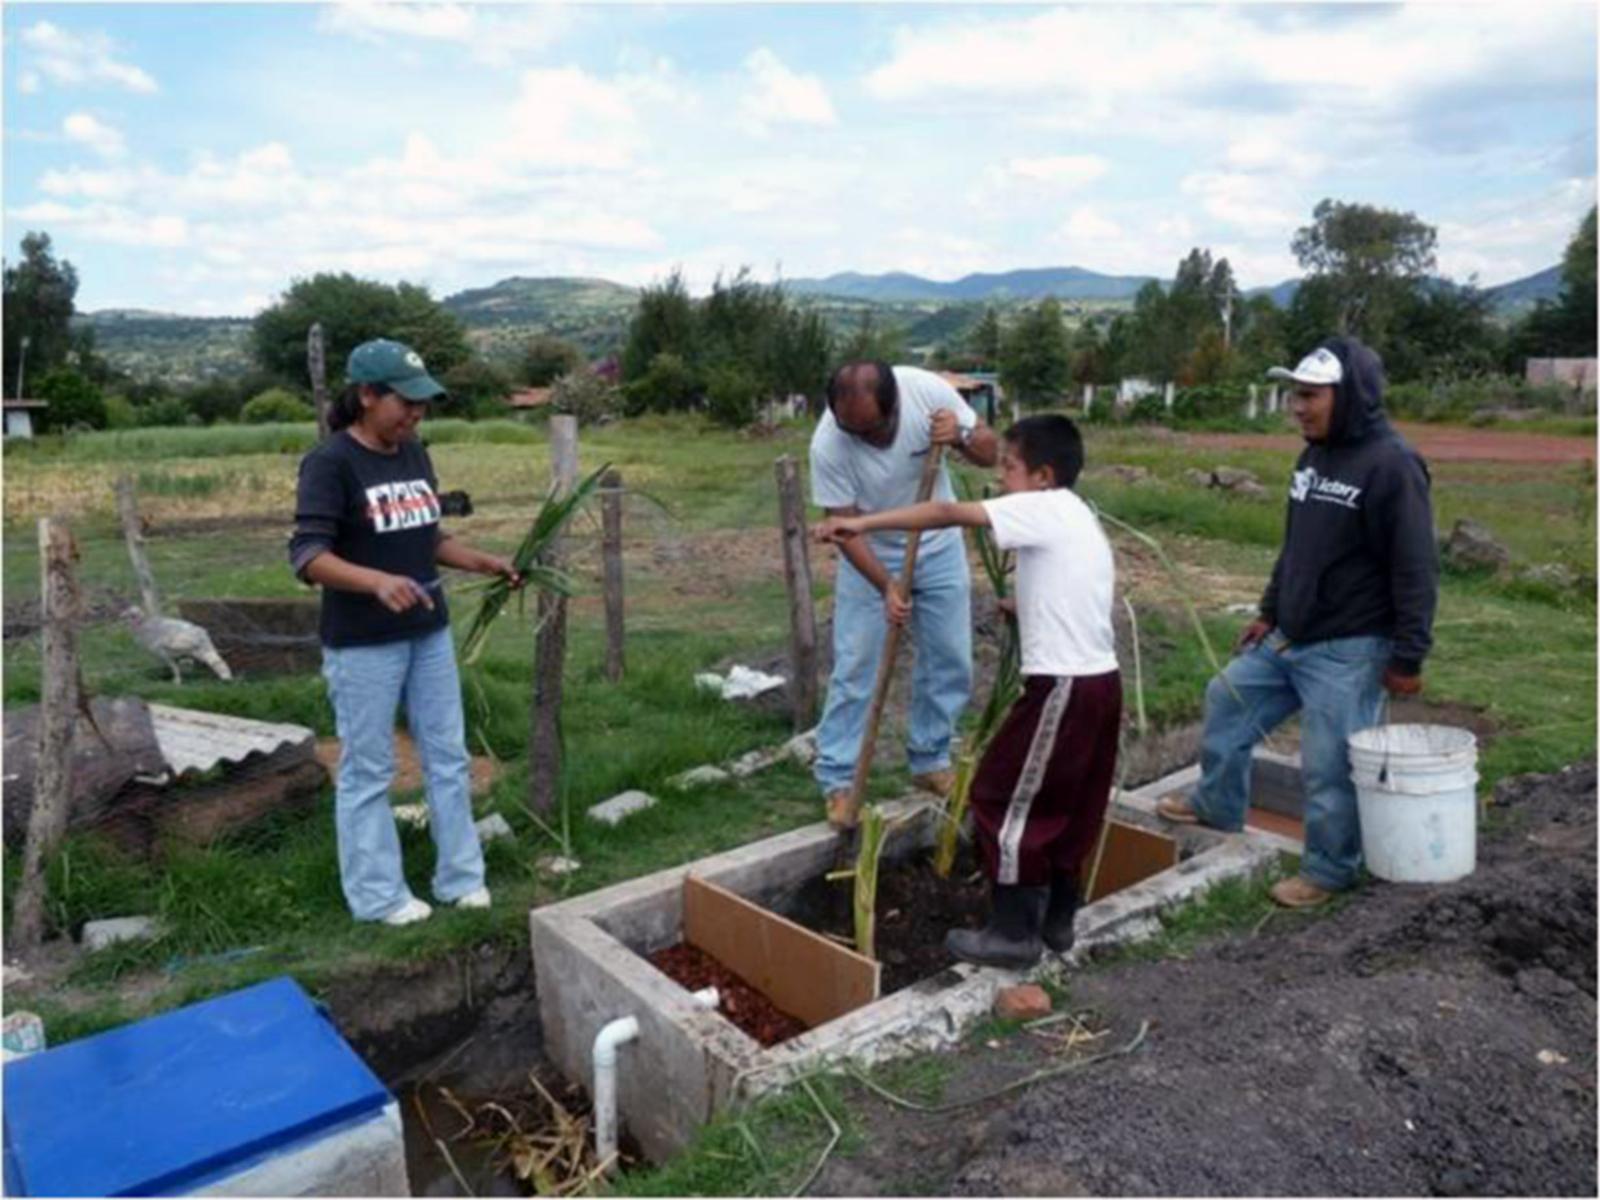 Adecuando el relleno de grava y tierra de un biofiltro para el tratamiento de aguas grises de la casa de Verónica, ejido José María Morelos del municipio de Senguio, Michoacán.